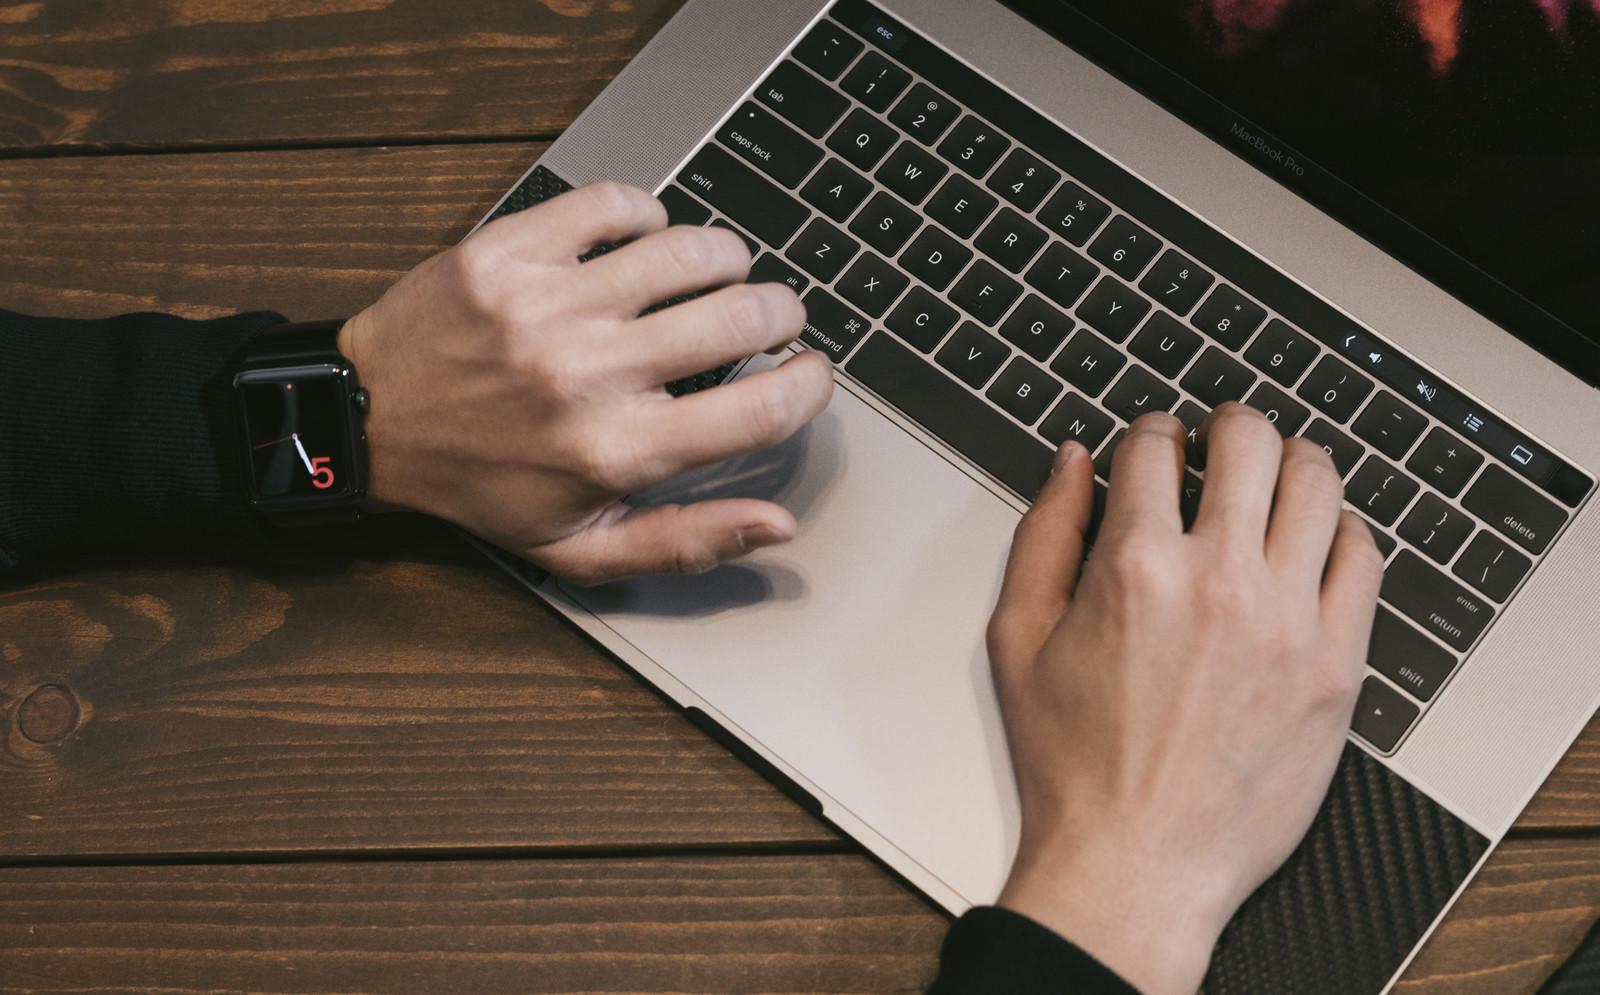 「スマートウォッチで時間を気にするライタースマートウォッチで時間を気にするライター」のフリー写真素材を拡大